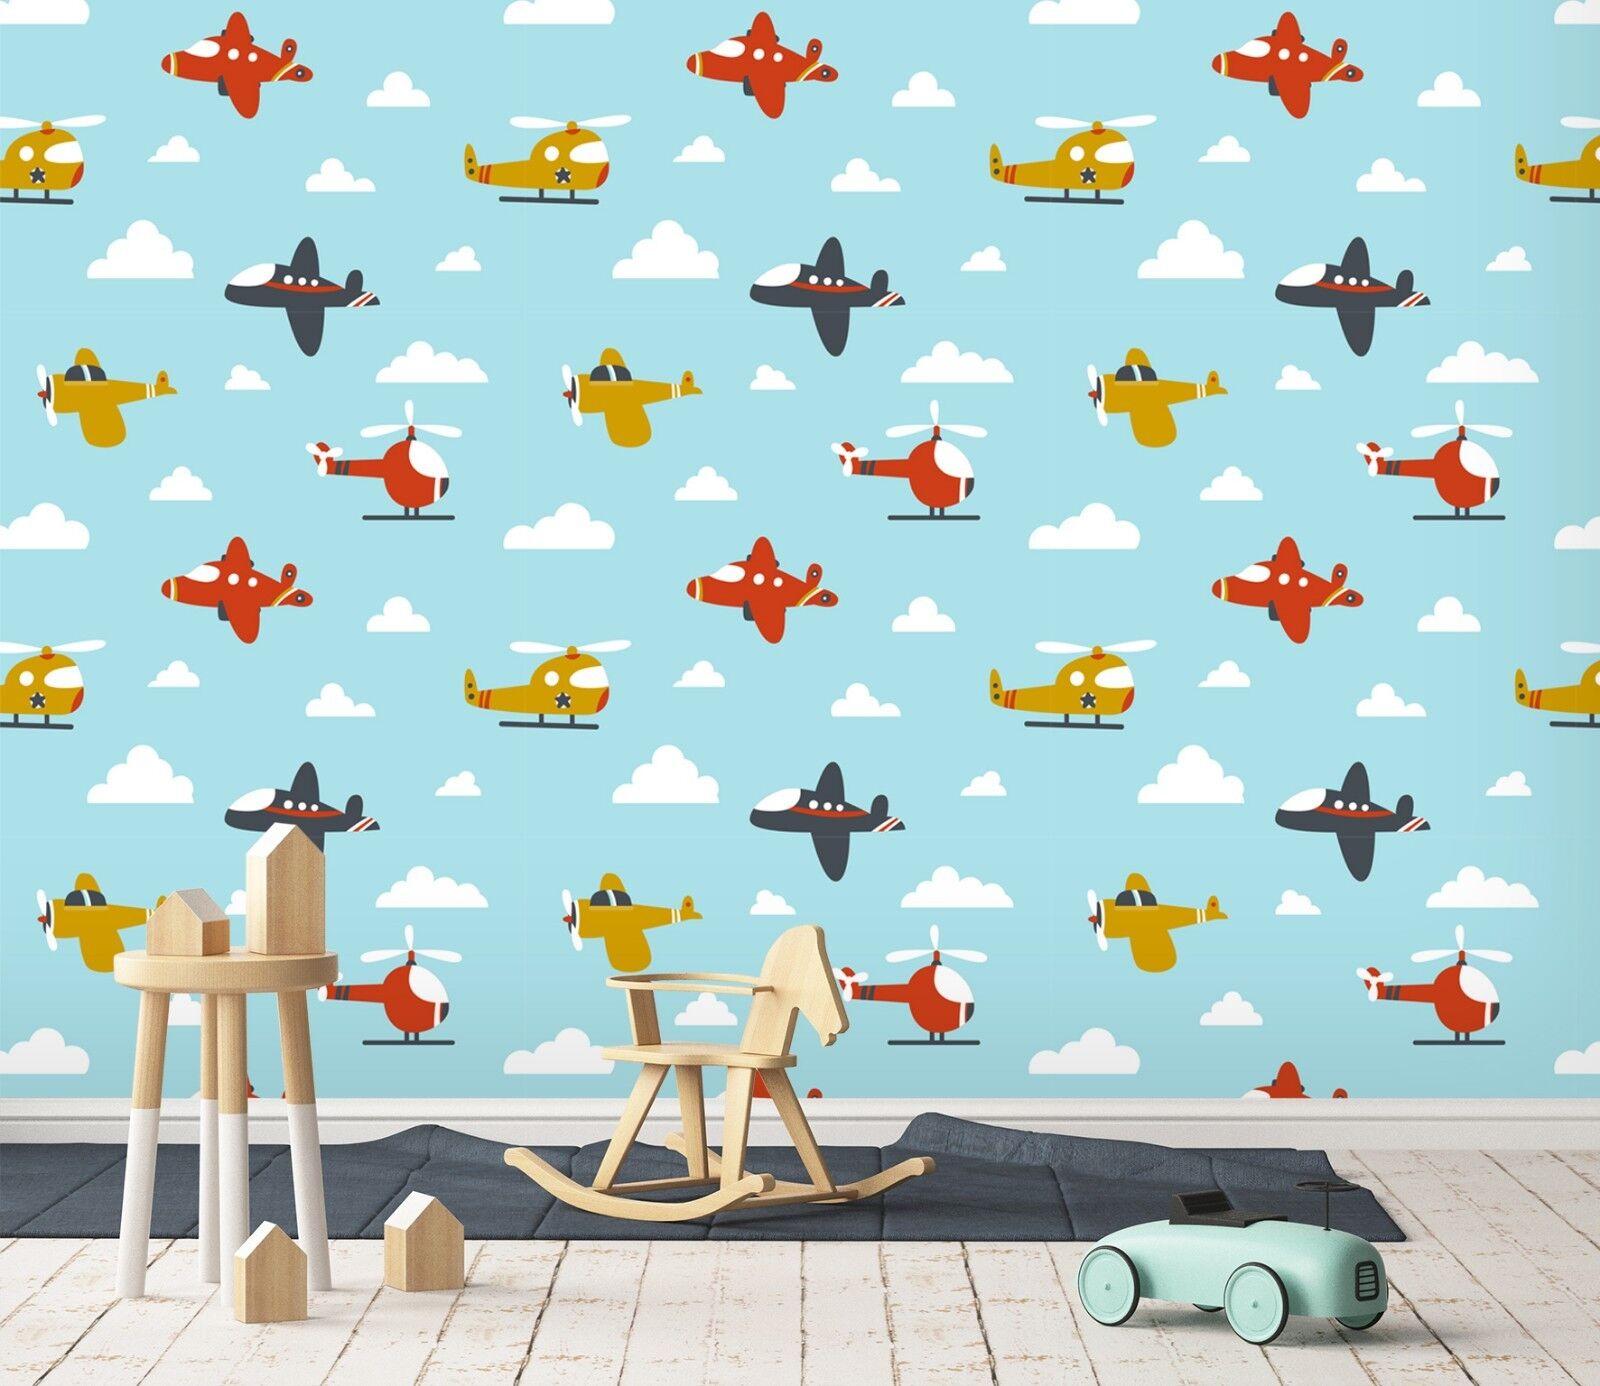 3D Flugzeug Wolke 123 Tapete Wandgemälde Tapete Tapeten Familie Kinde DE Lemon